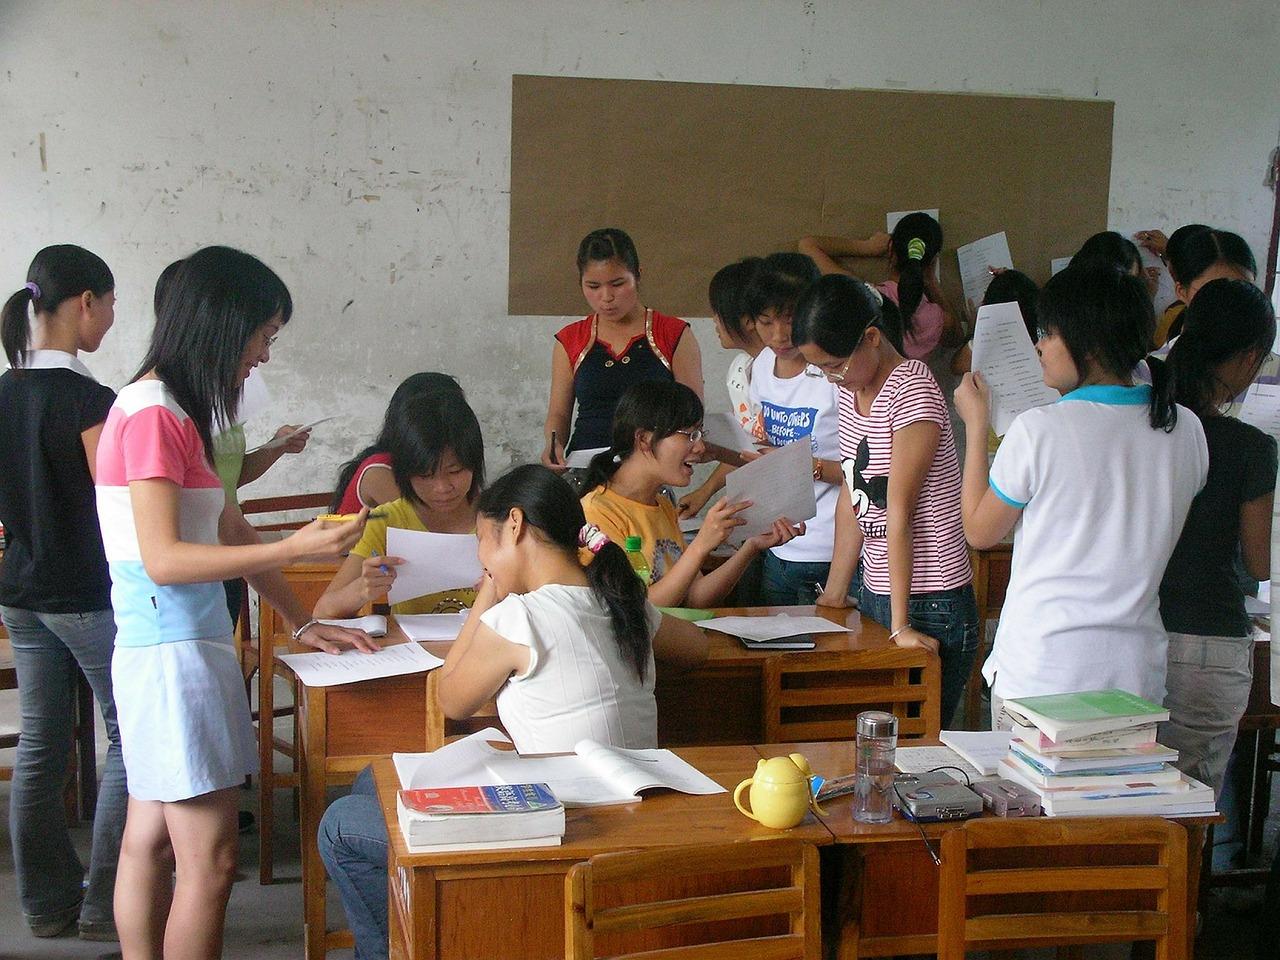 Os desafios em sala de aula